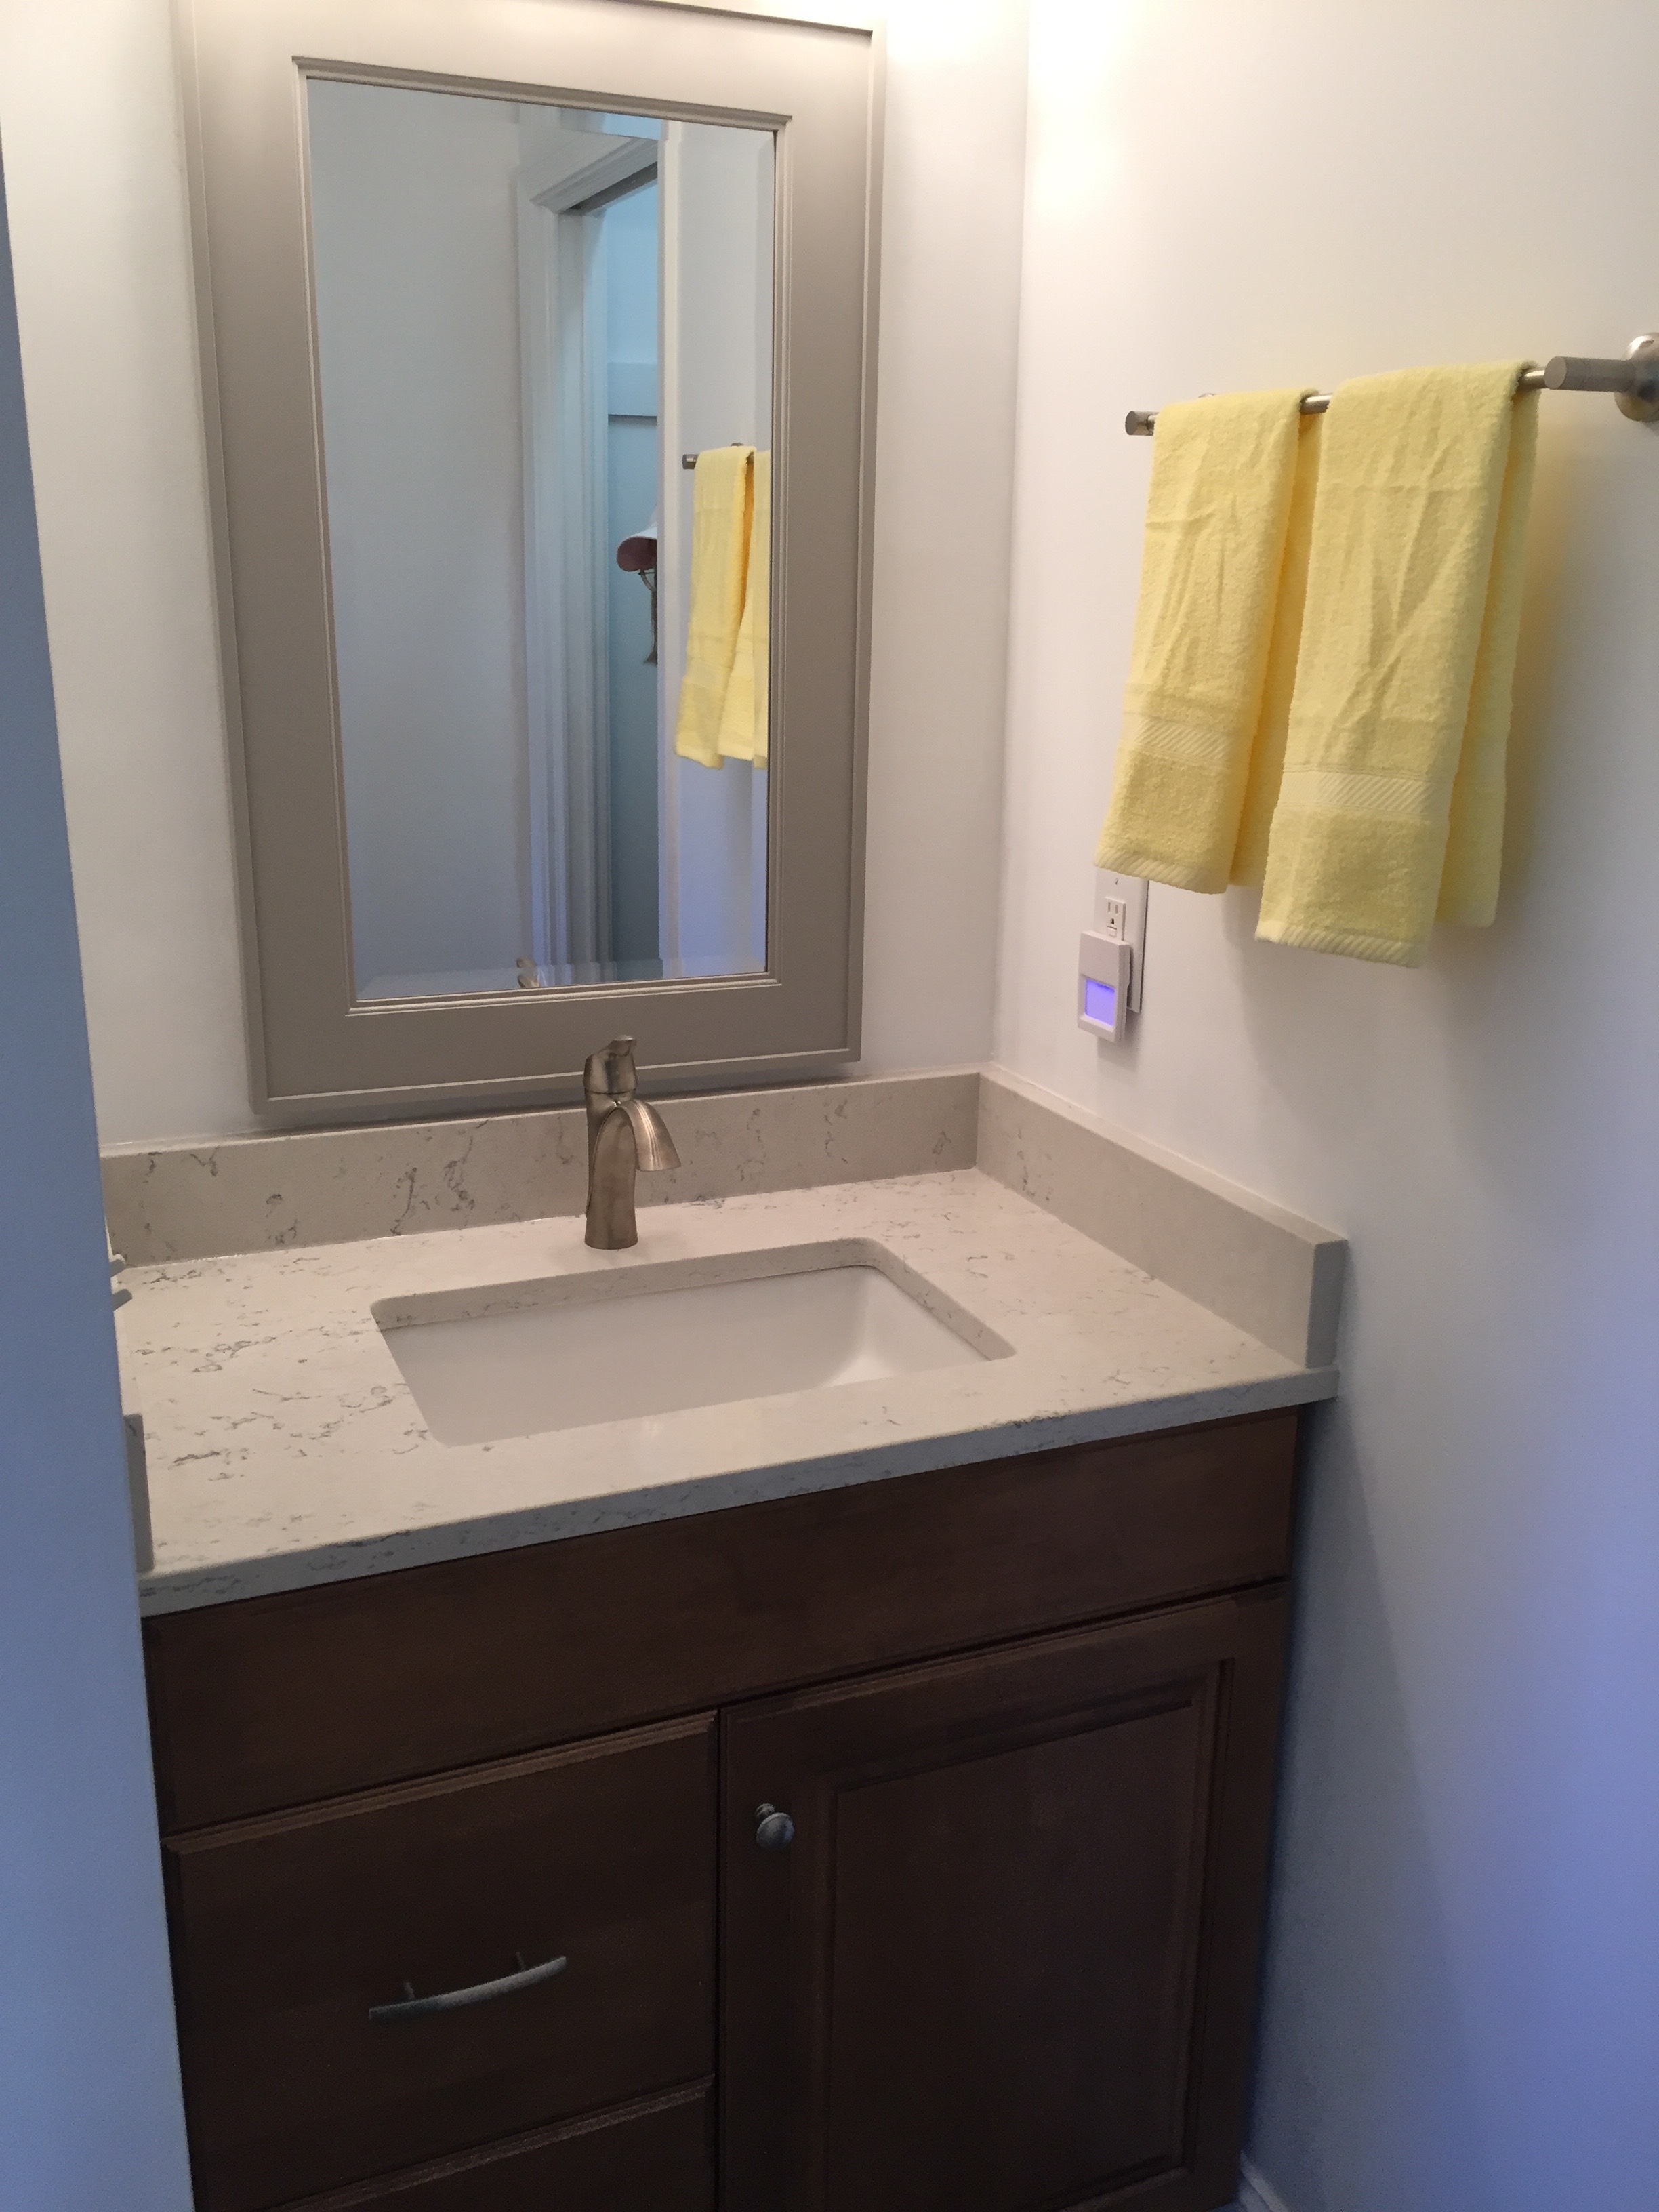 01.Quartz vanity-squashed